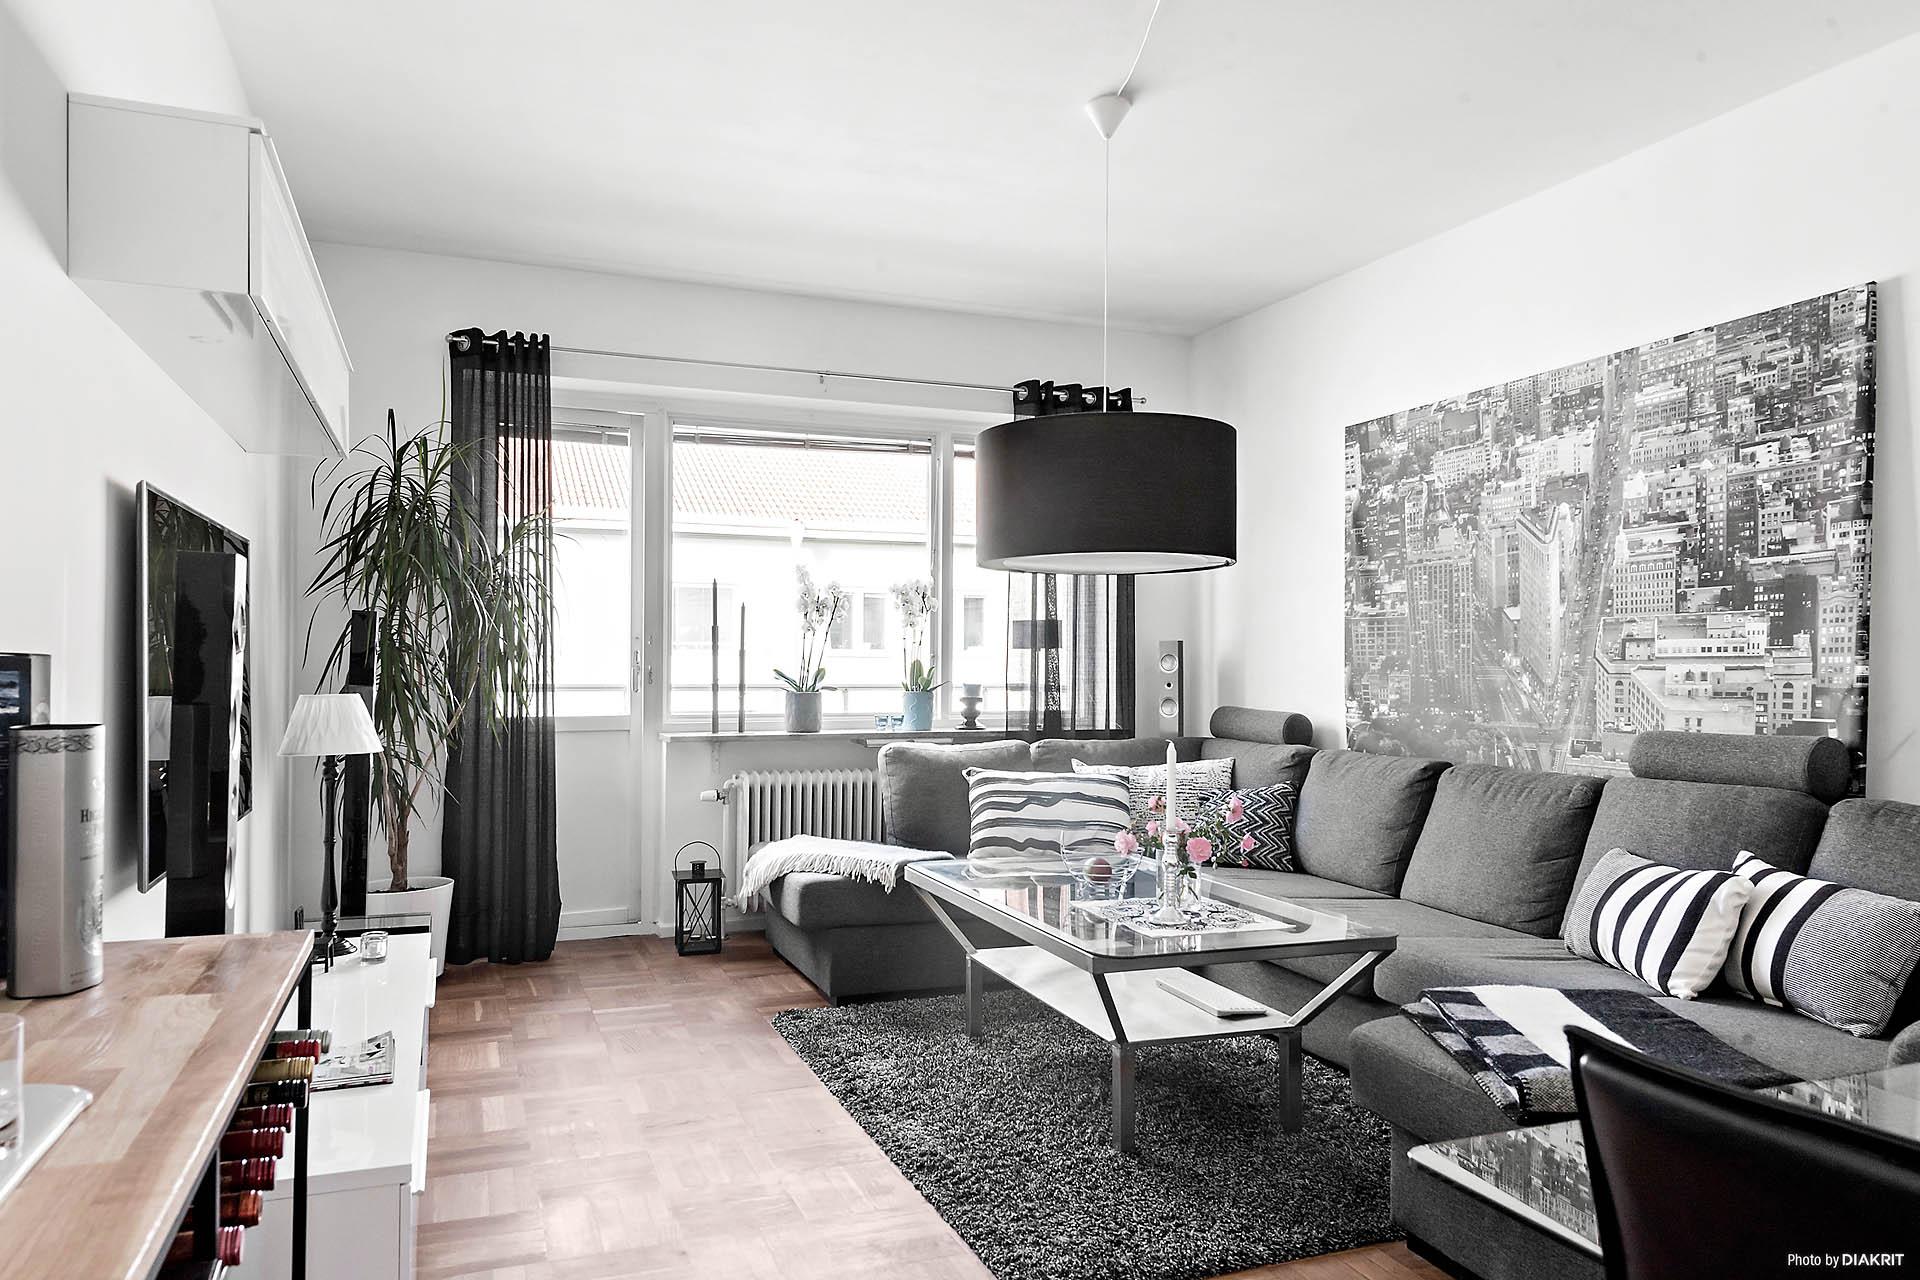 Vardagsrummet är ett ljust och fint rum med utgång till balkong.